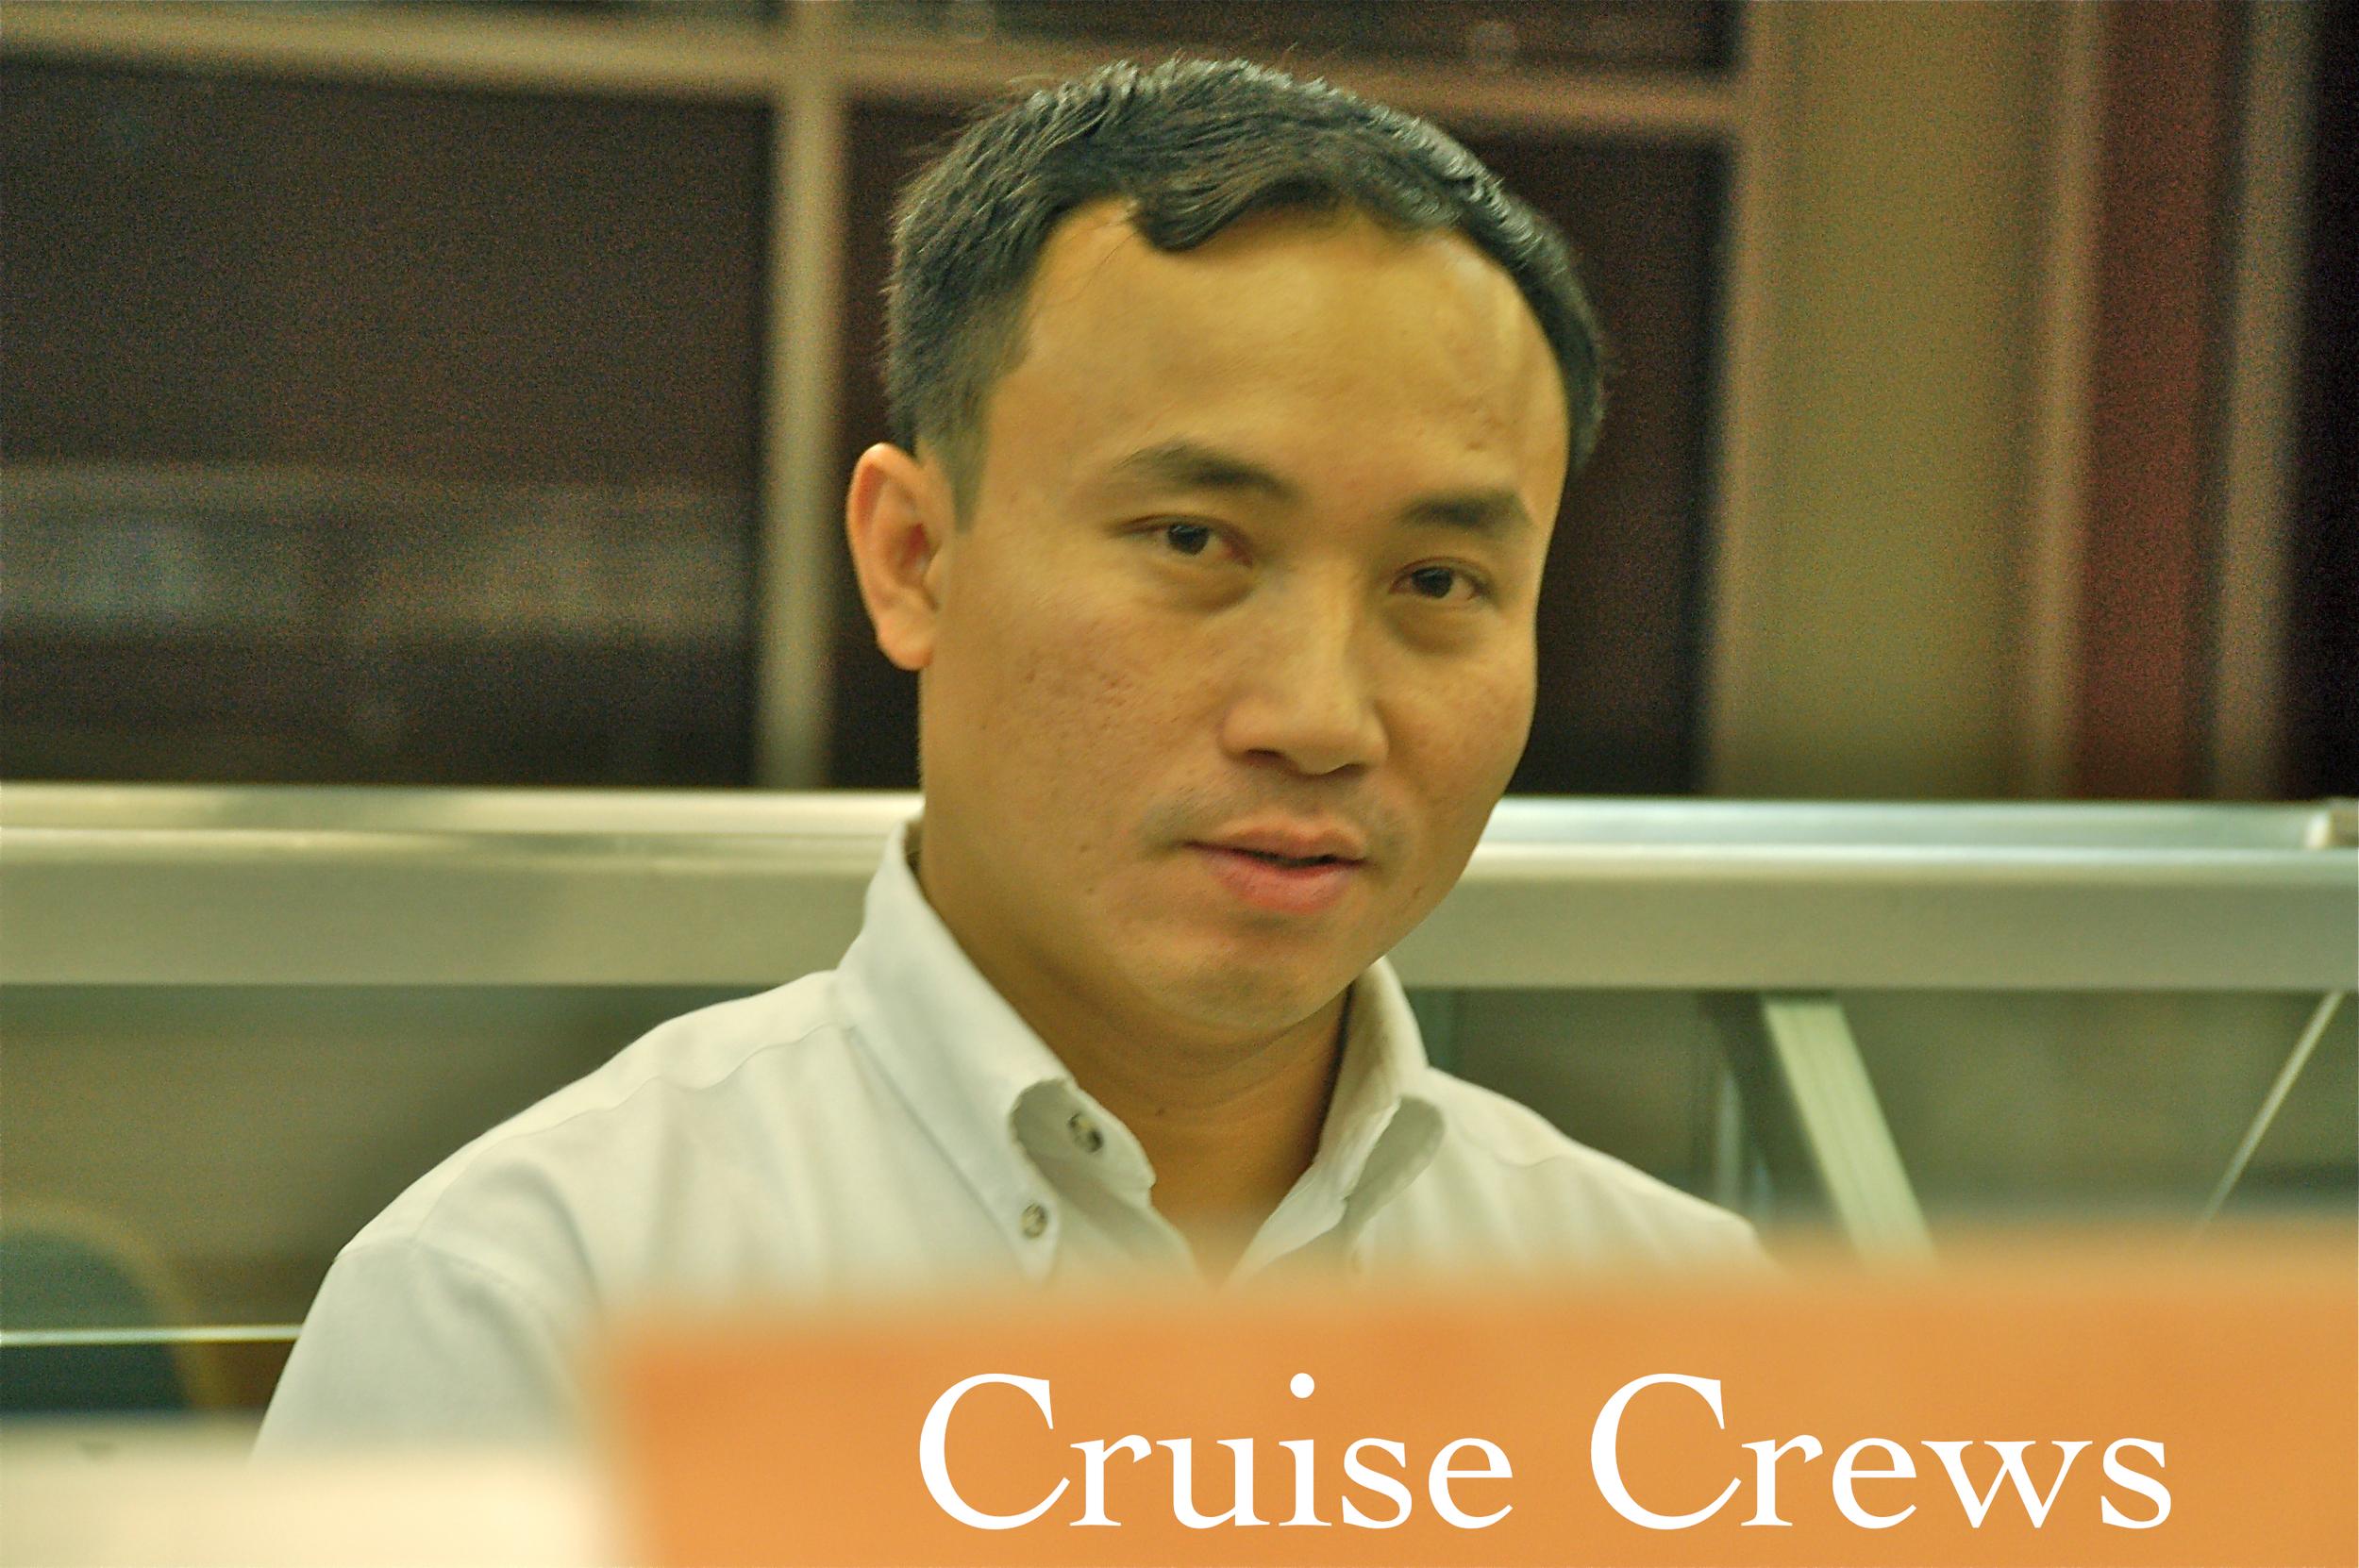 Cruise Crews